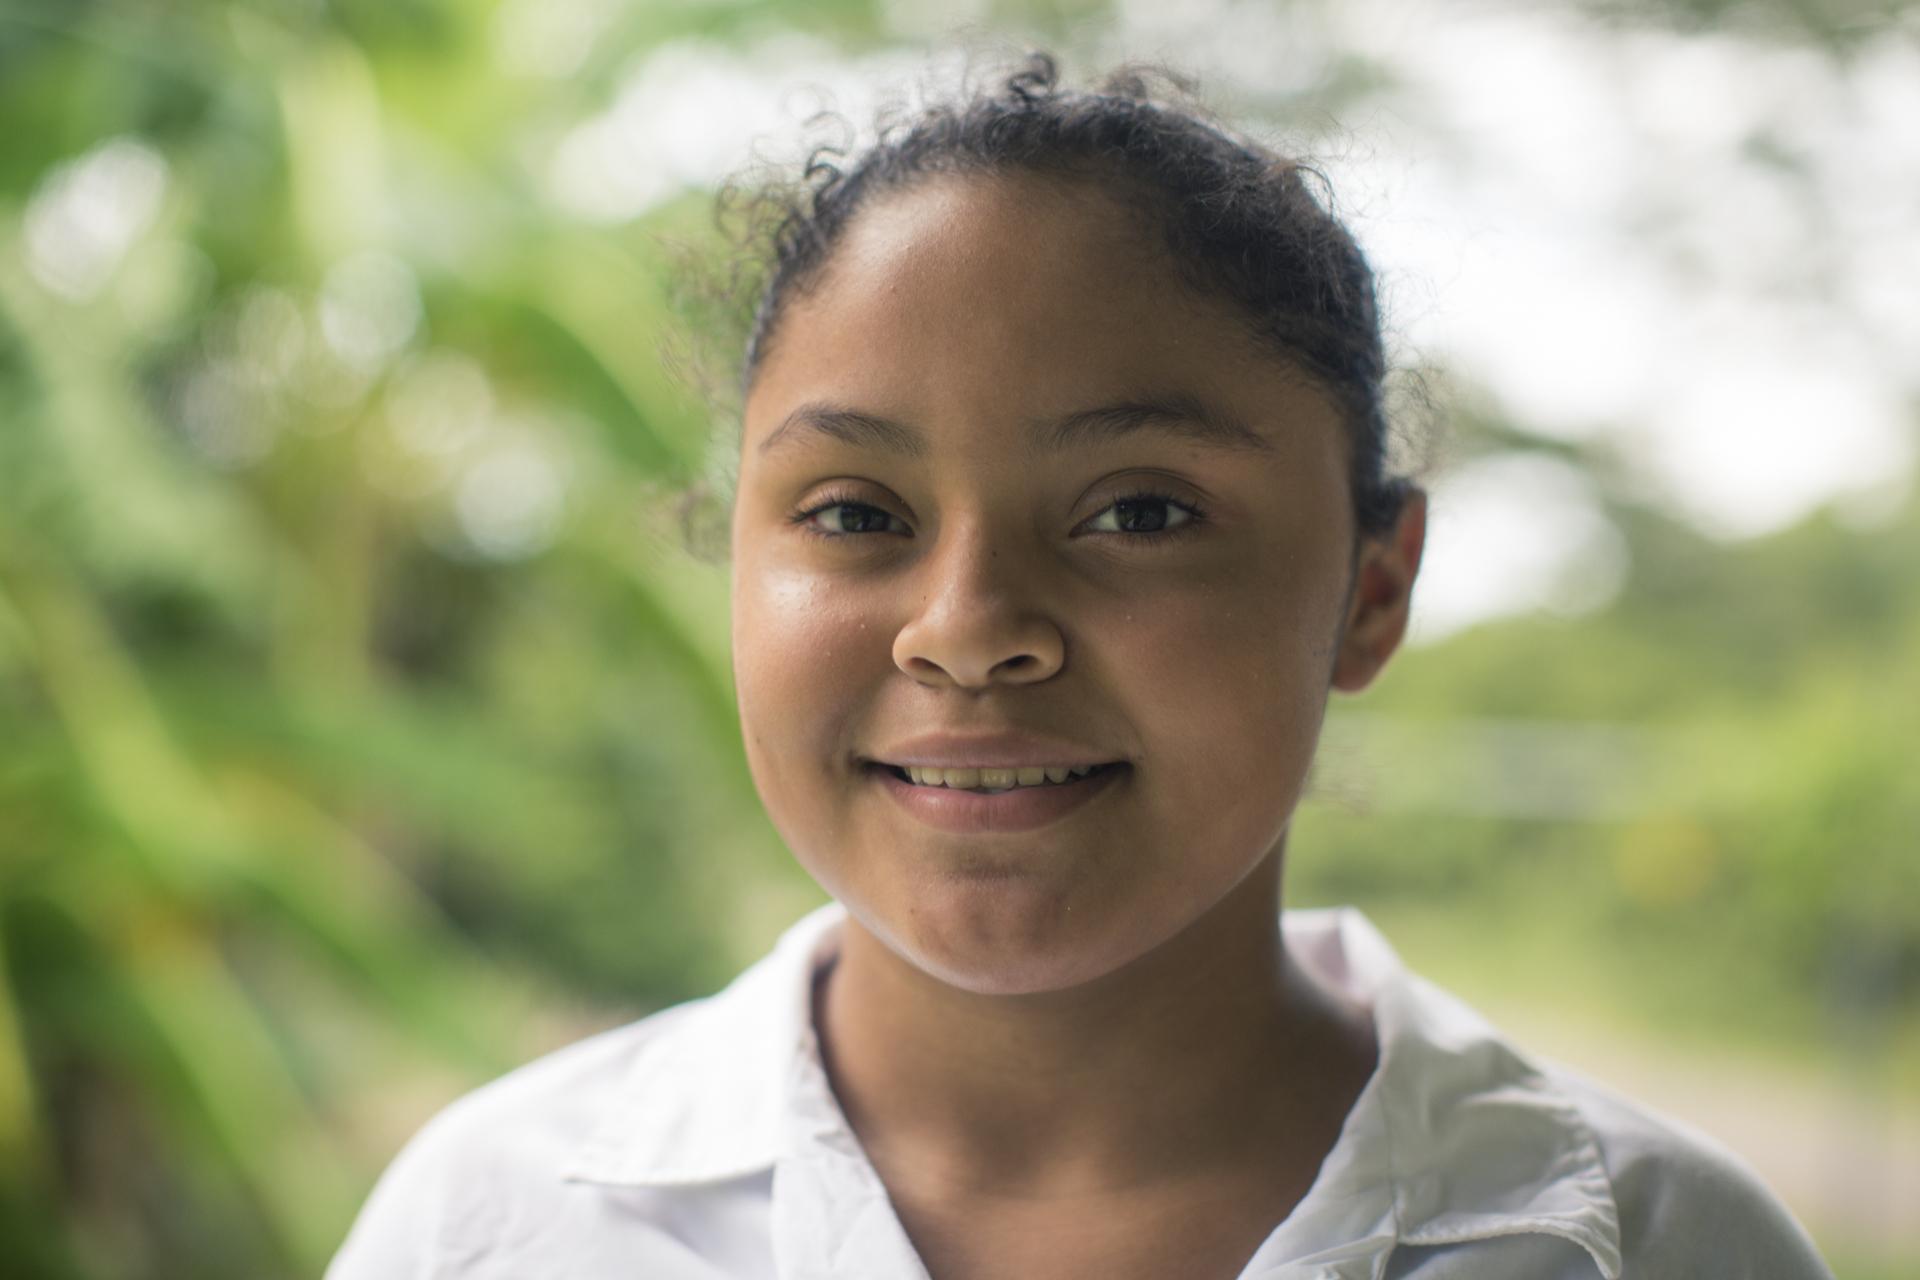 Keysel Reyes, a su temprana edad, reconoce la diversidad que contiene el Golfo de Nicoya y la importancia de su cuido.